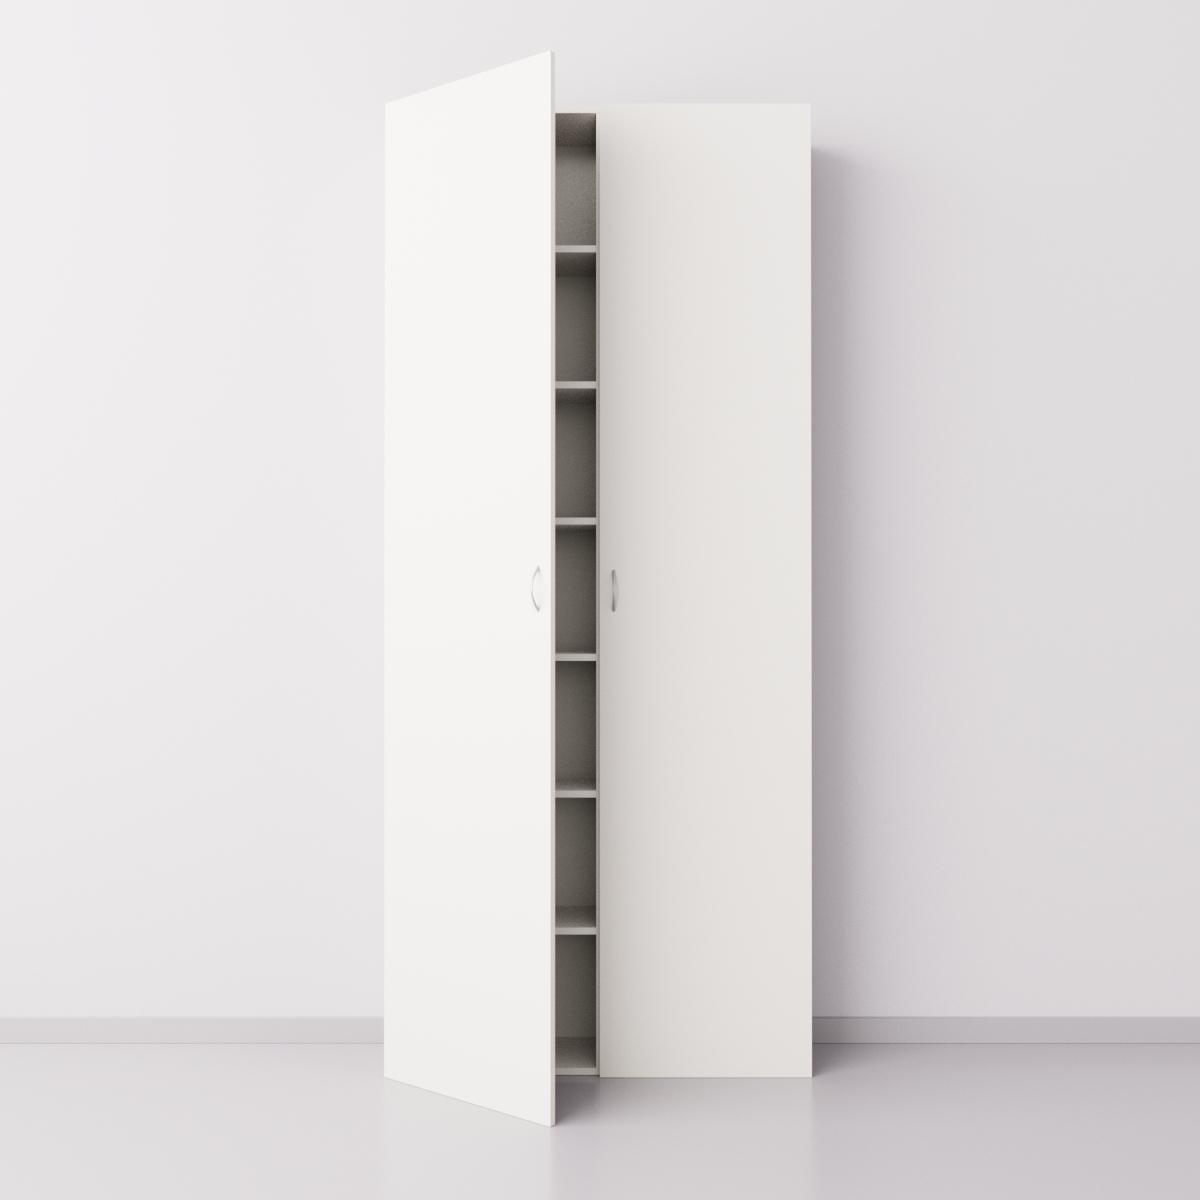 Высокий шкаф с двумя большими дверцами из ДСП, белый